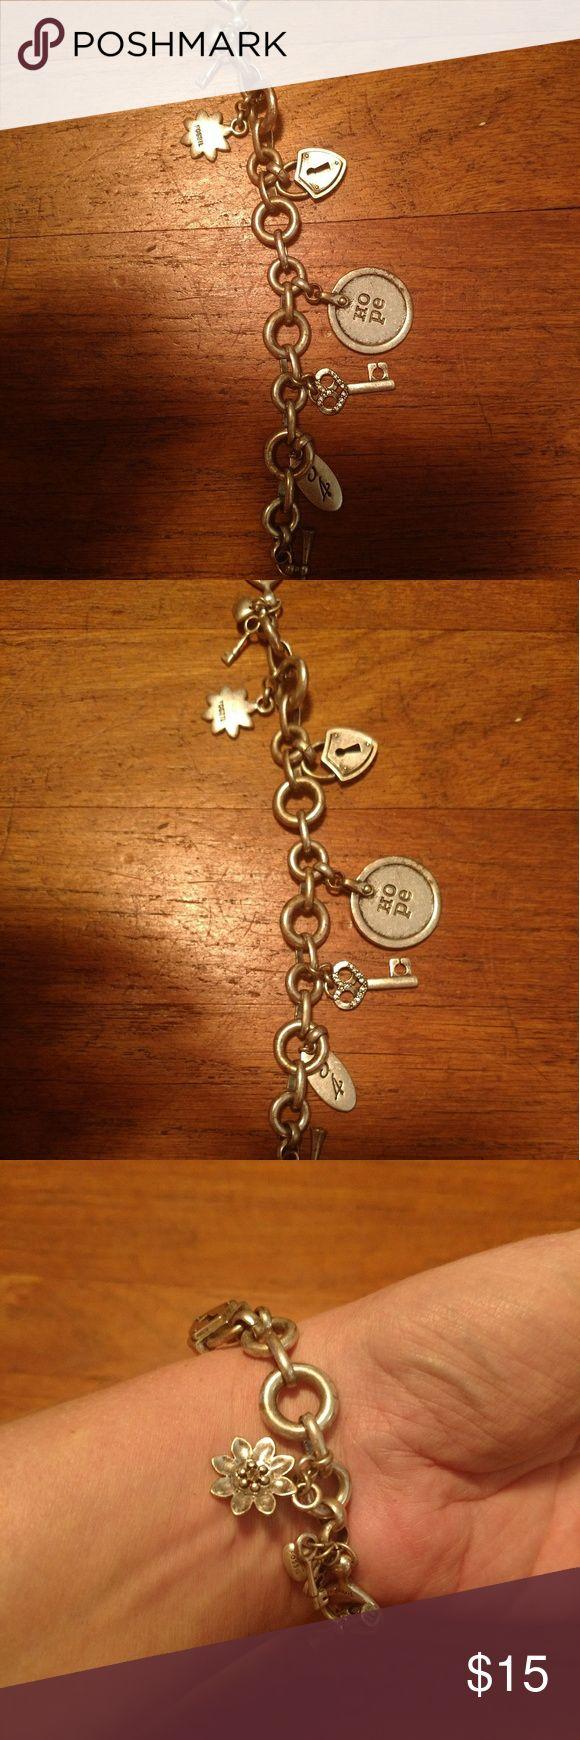 Fossil charm bracelet Fossil charm bracelet 💟 Final Price 💟 Fossil Jewelry Bracelets